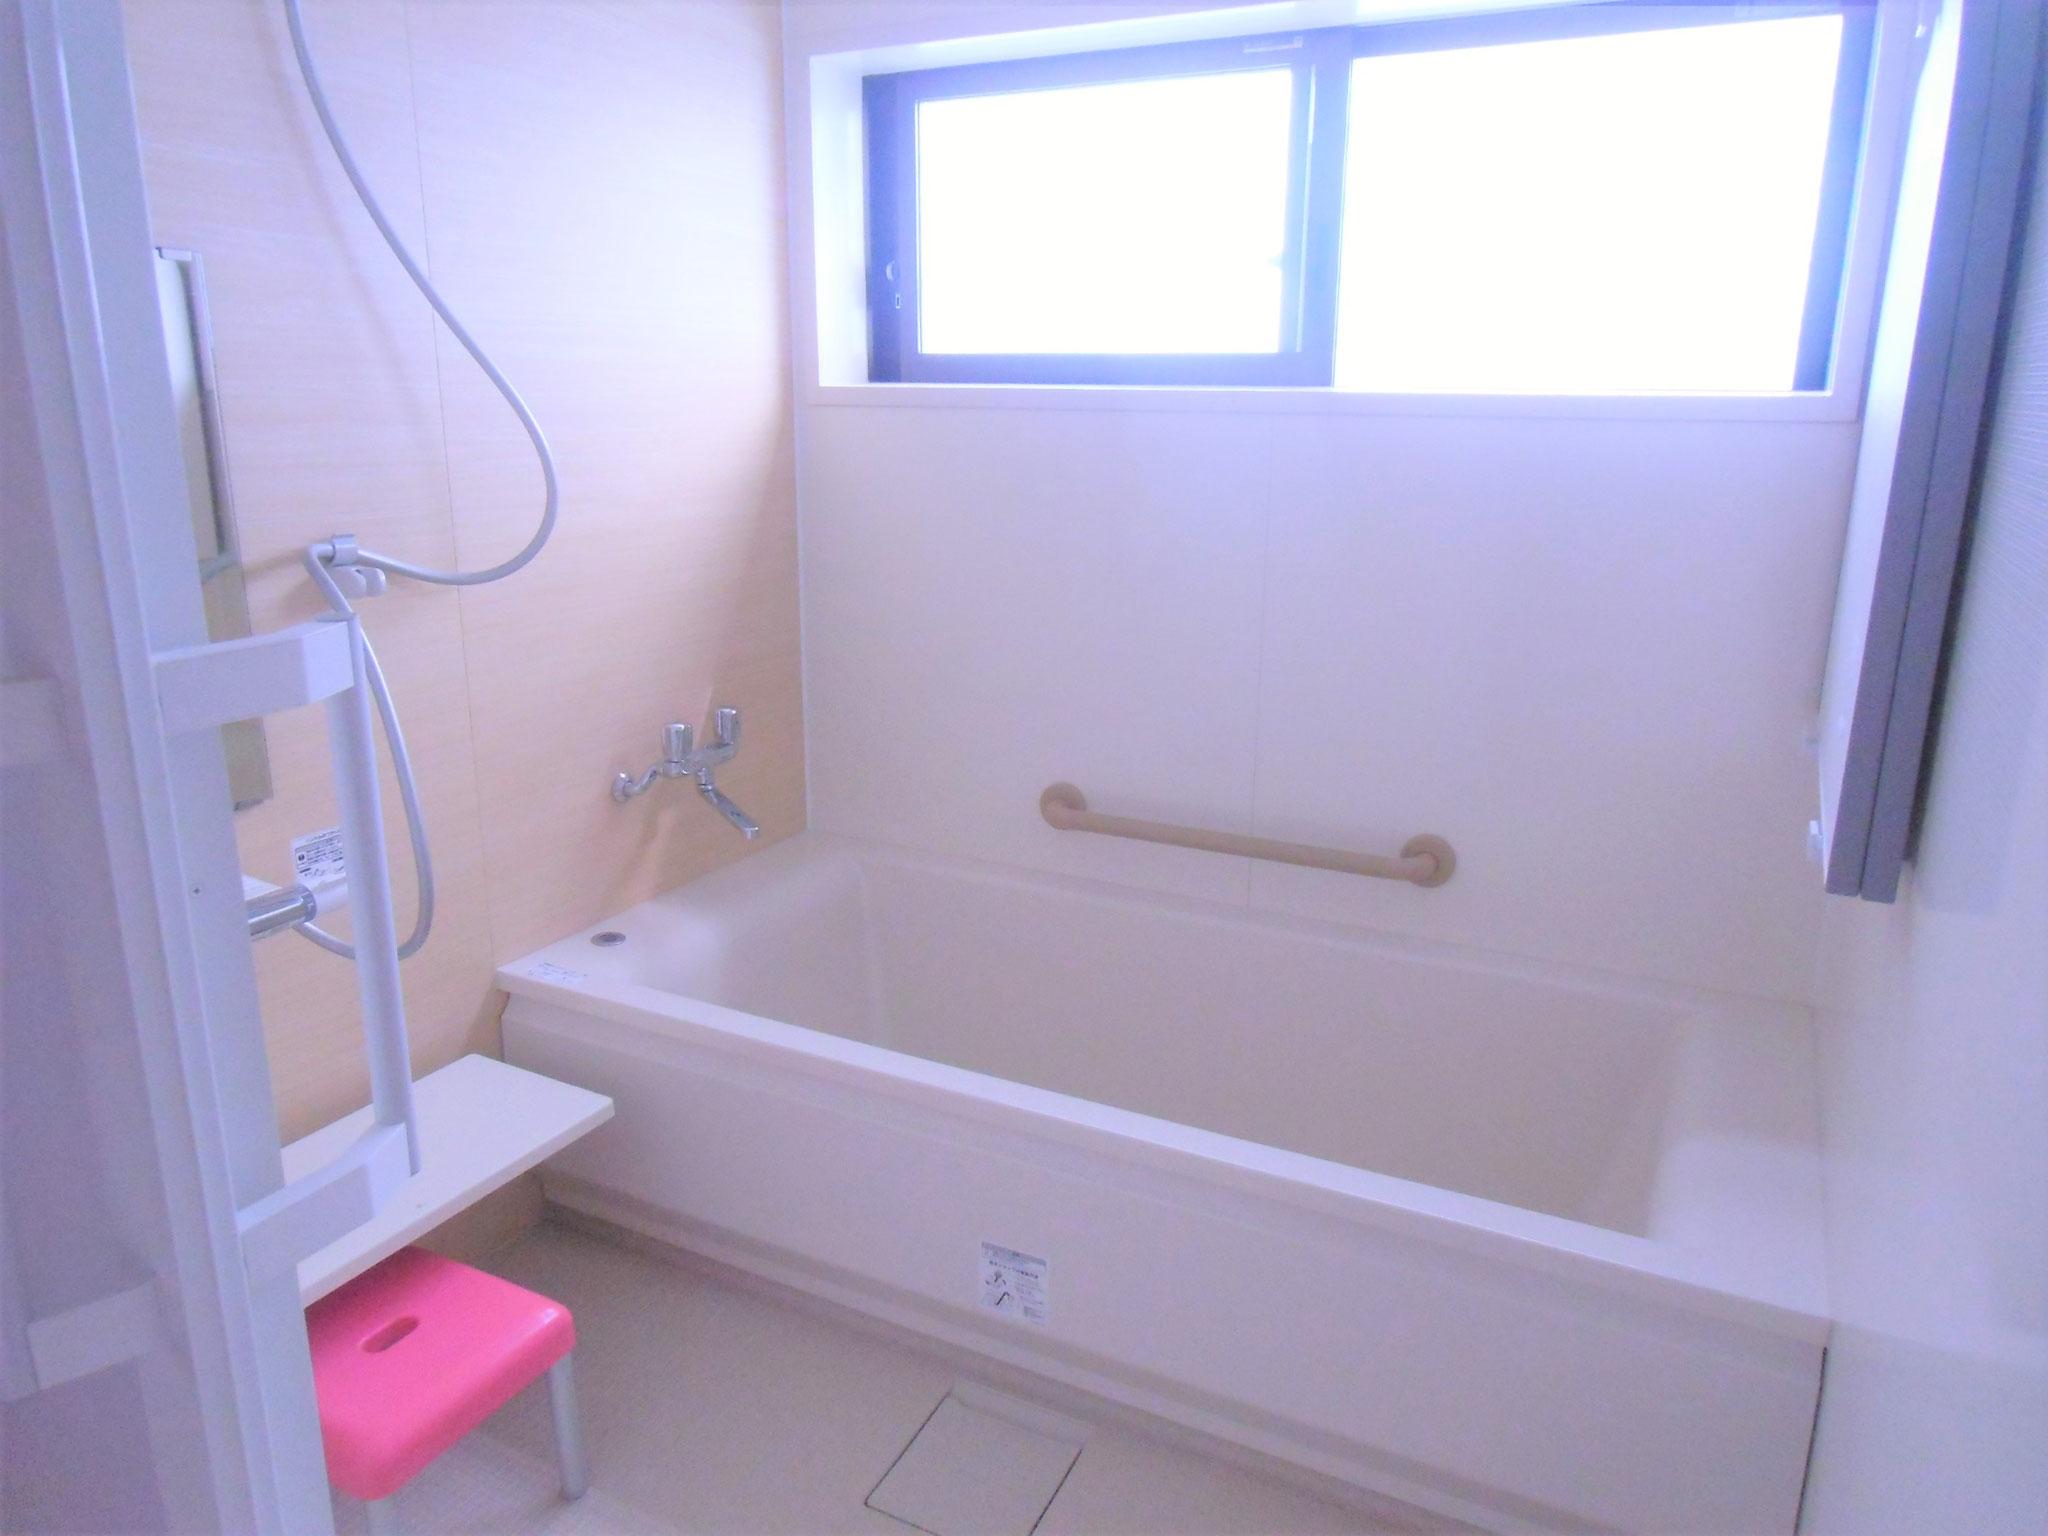 母屋のユニットバスです。地下水を使用していますので、塩素の入った水が苦手な方も安心です。備え付けの石鹸類をお使いください。